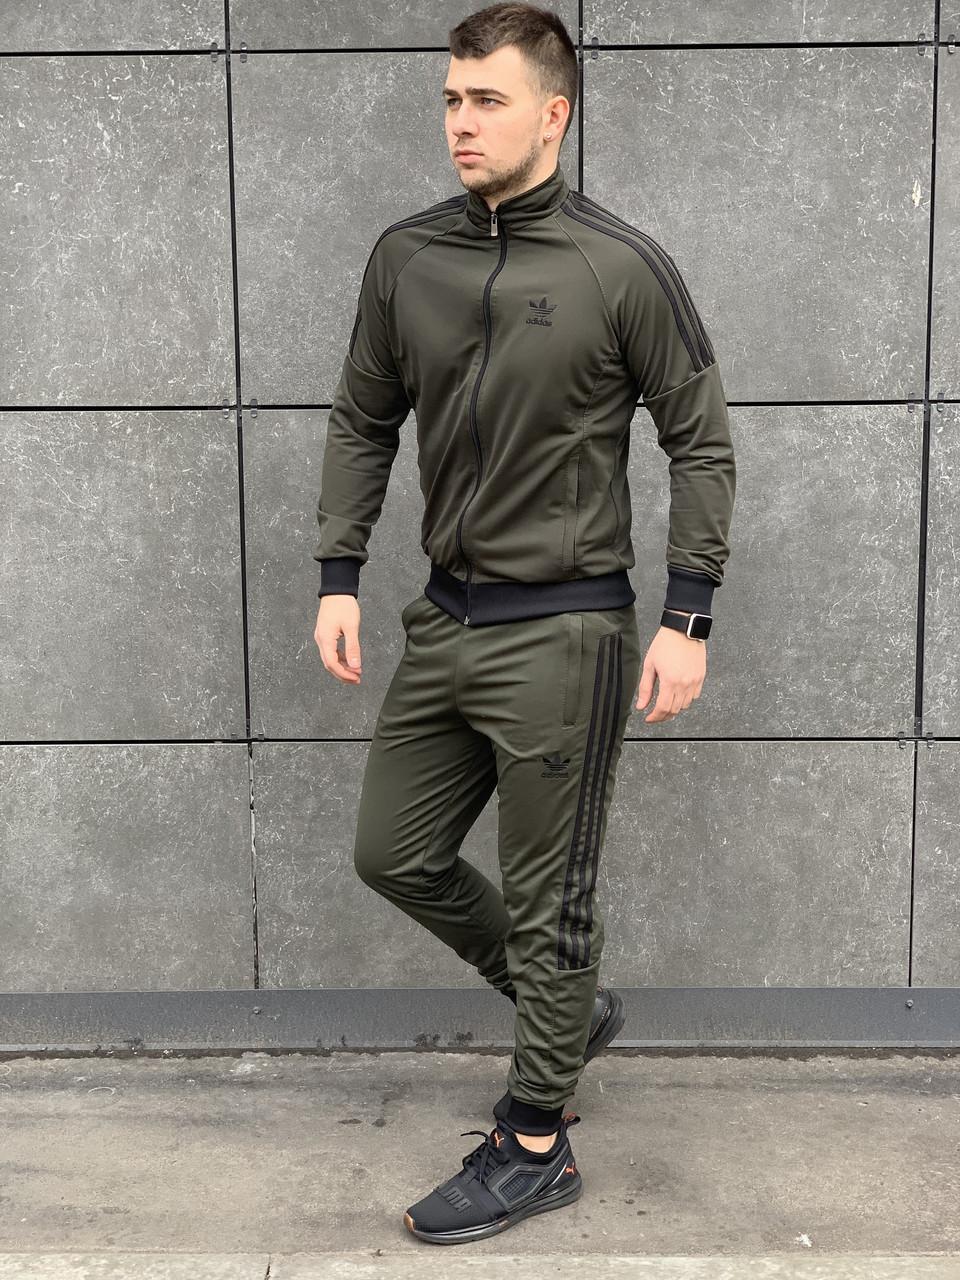 Мужской лето/осень спортивный костюм adidas Турция